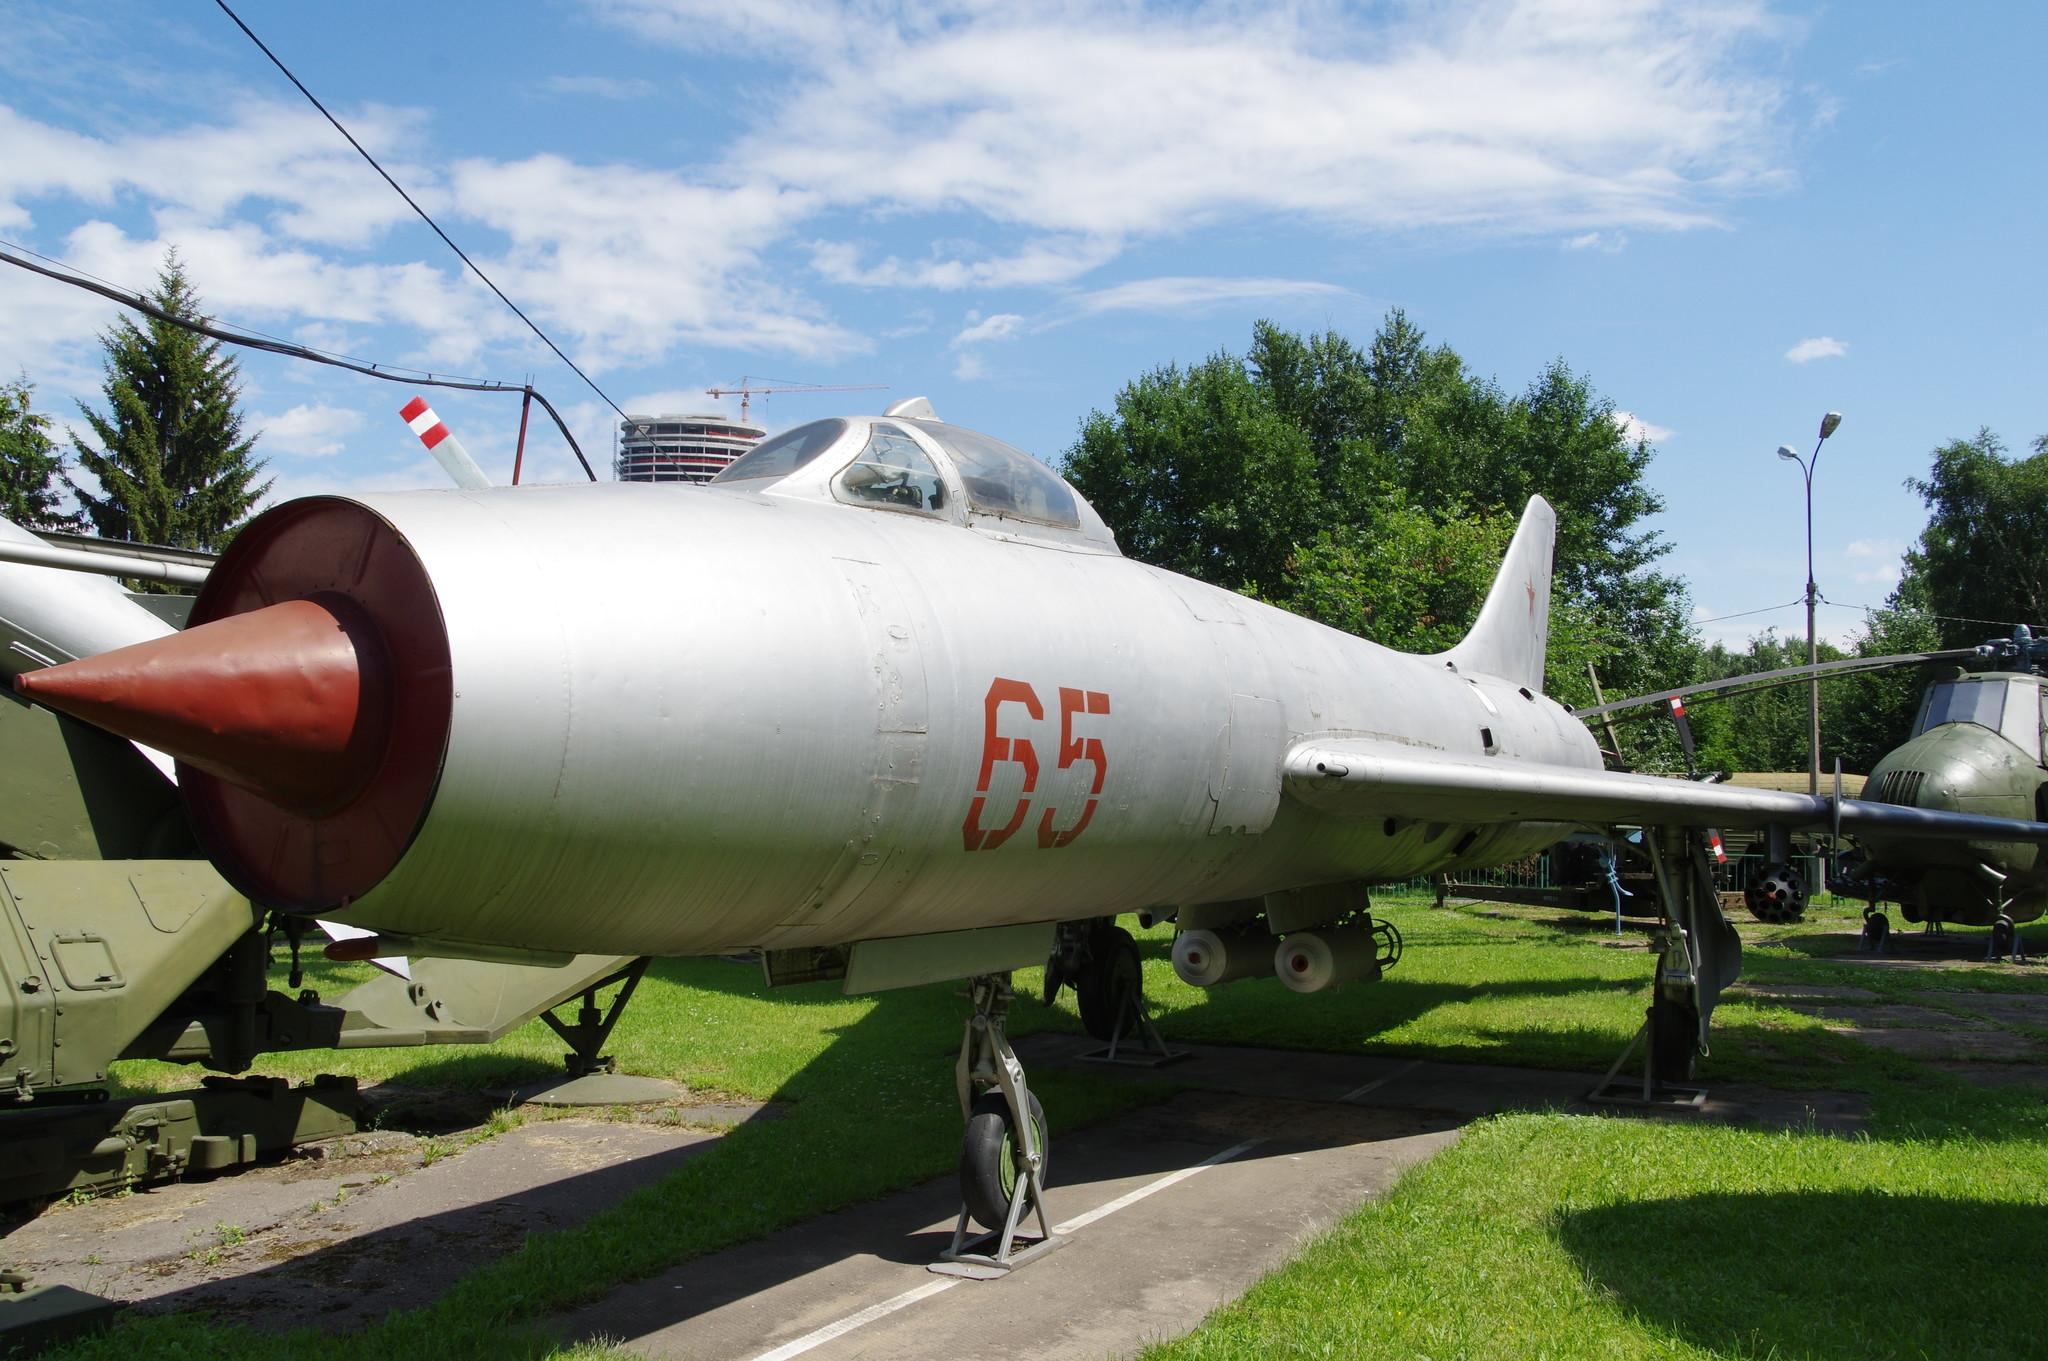 Реактивный истребитель-бомбардировщик Су-7Б. Центральный музей Вооруженных сил Российской Федерации (улица Советской Армии, 2)